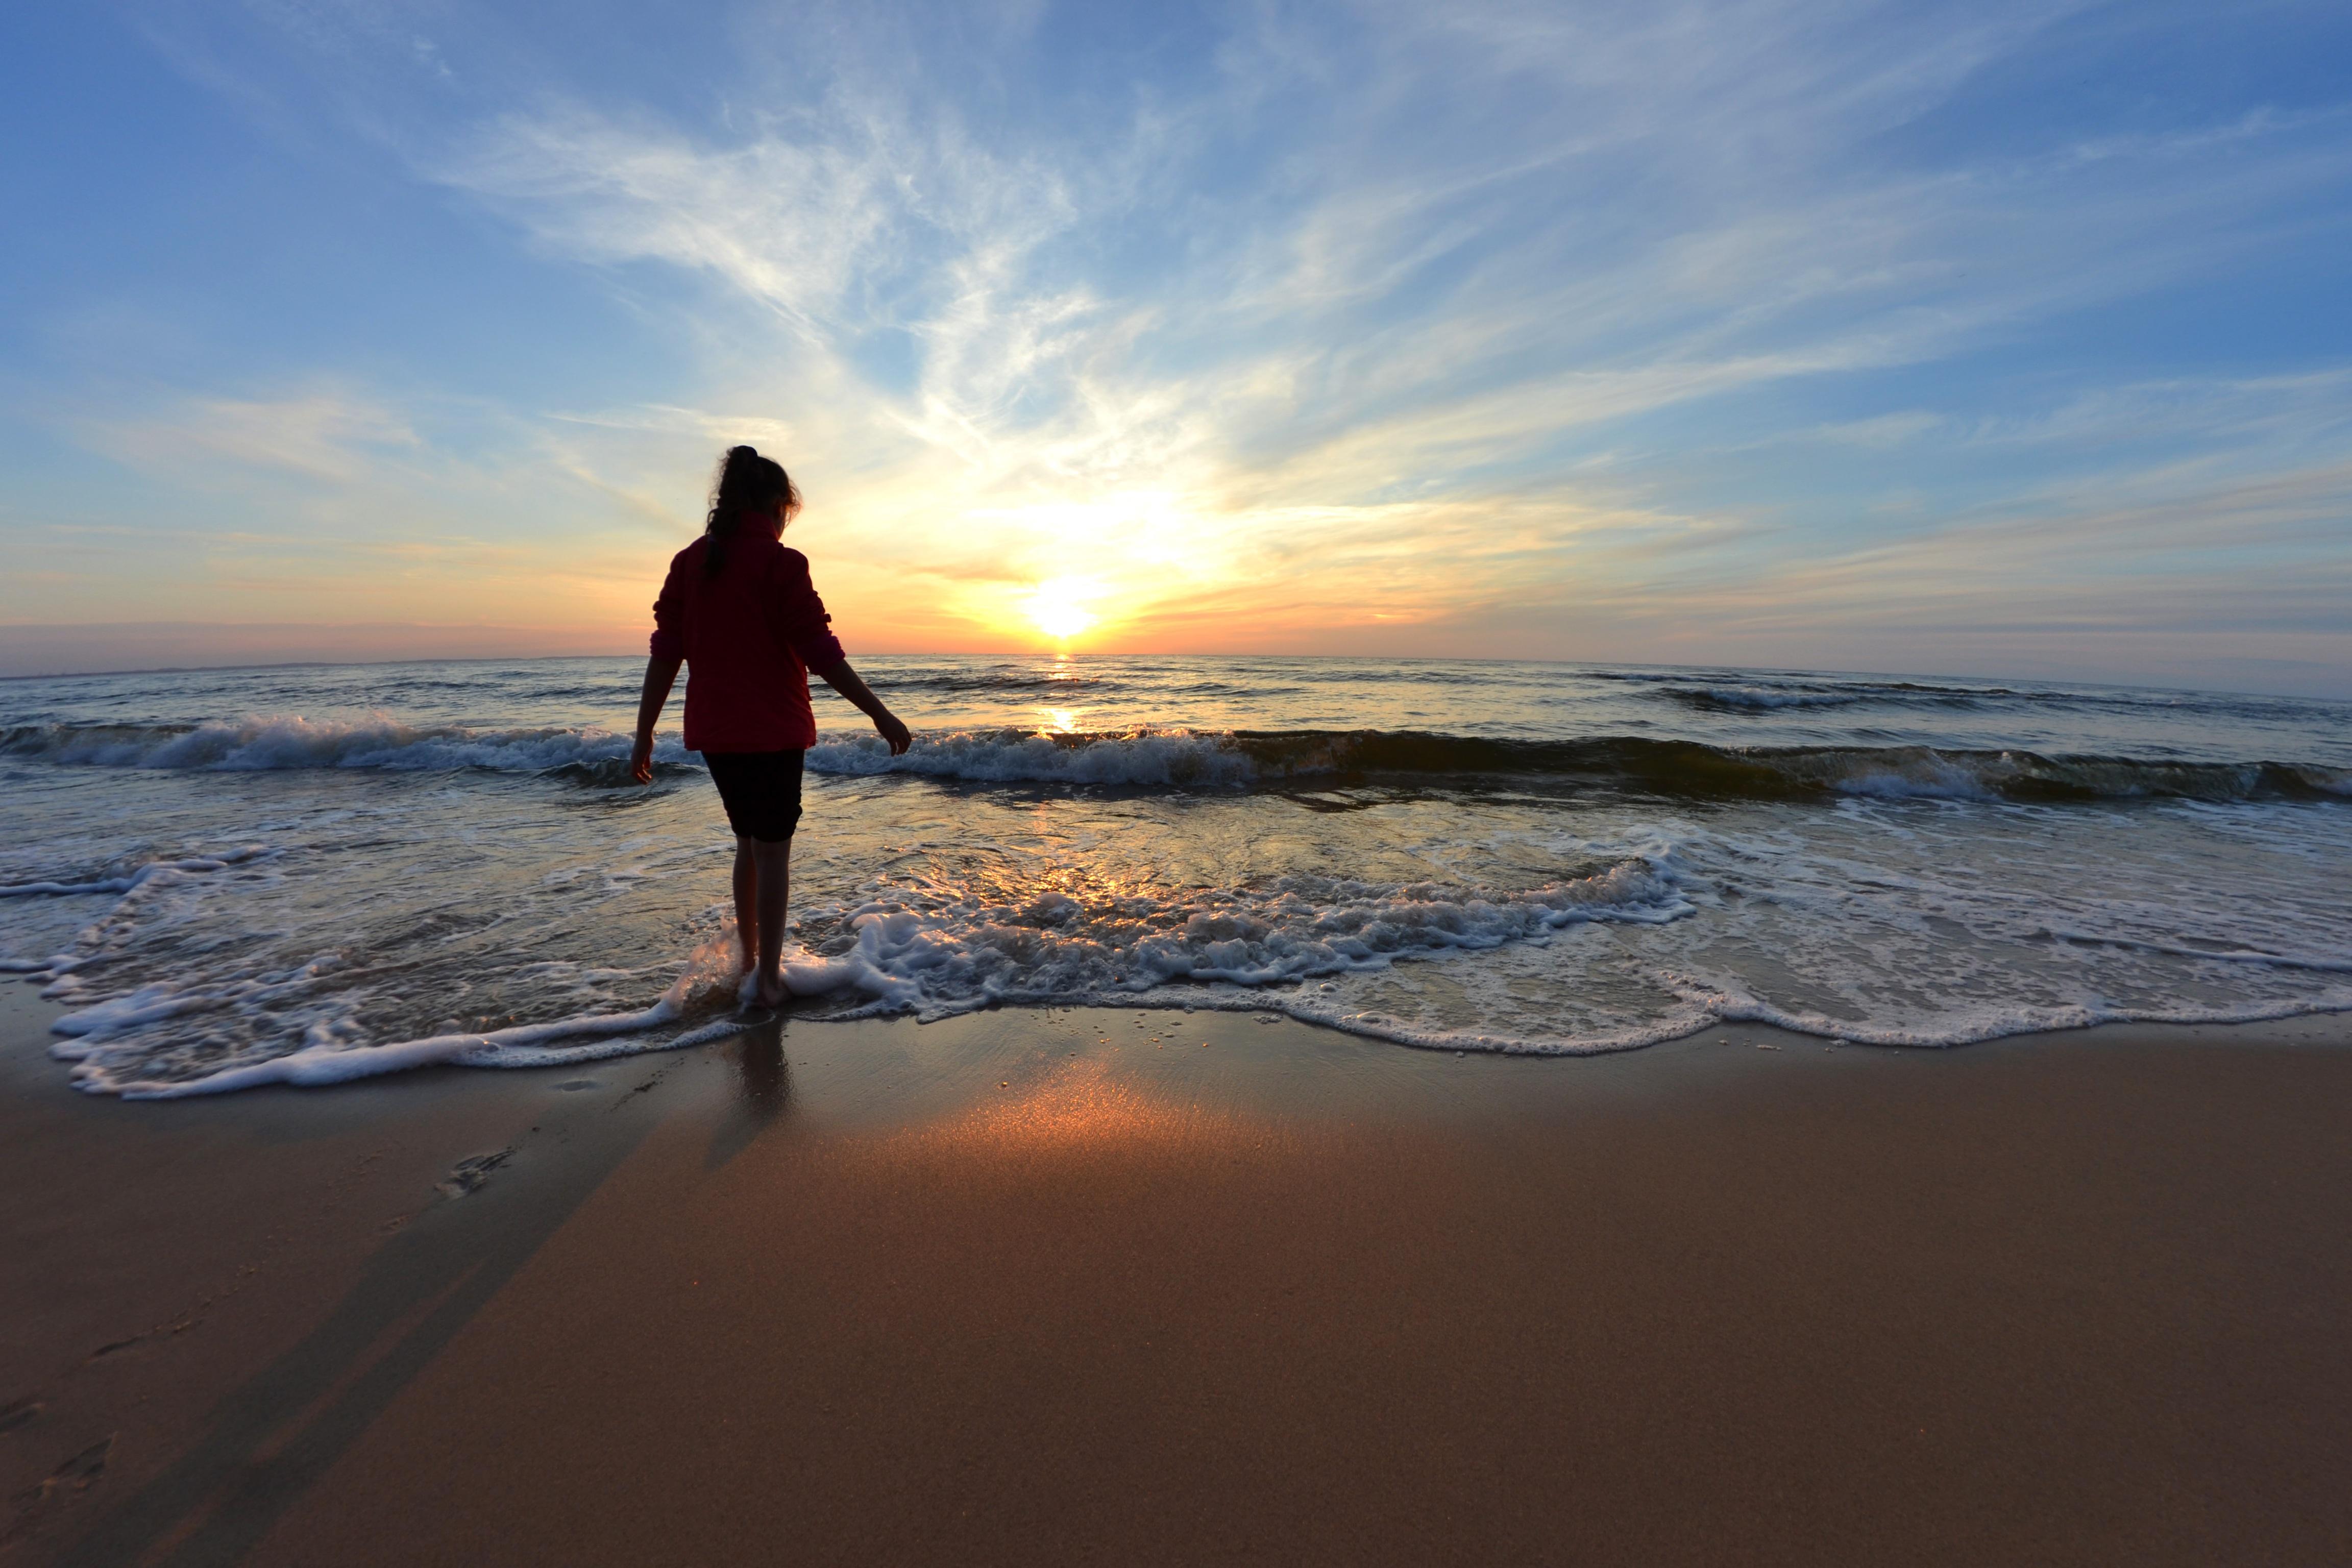 Красивые картинки с моря на аву